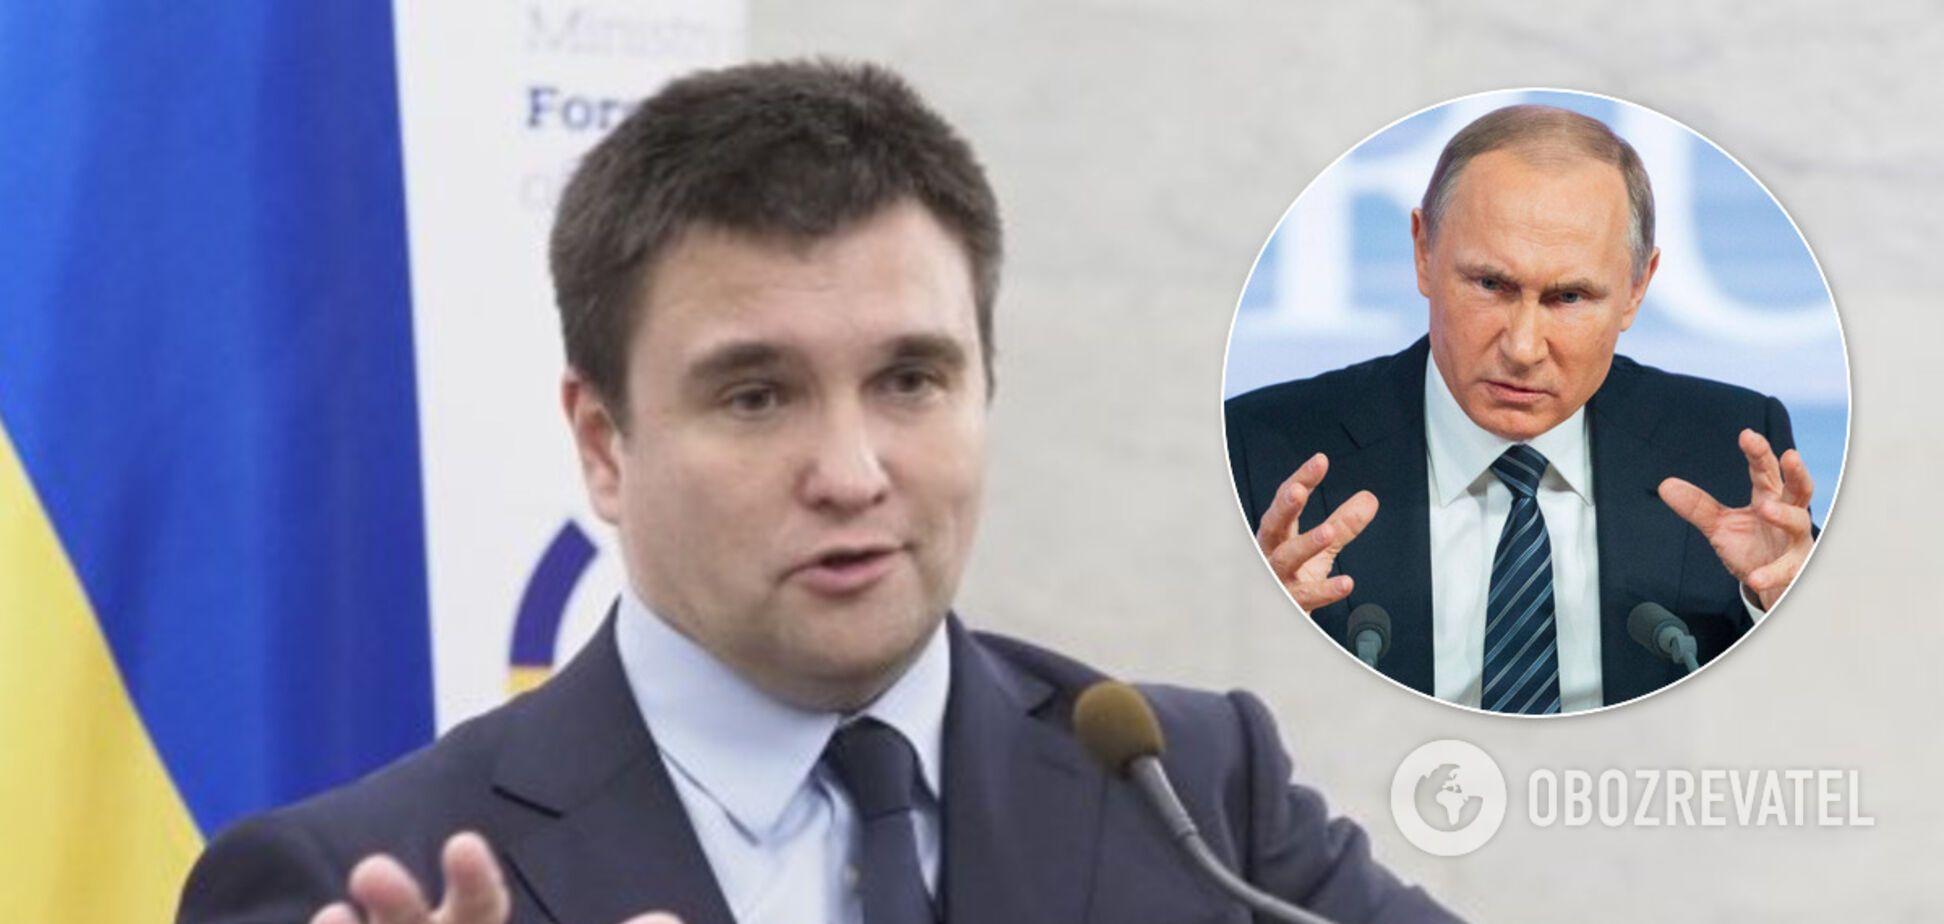 Клімкін пояснив, чому перемир'я на Донбасі вигідне Путіну